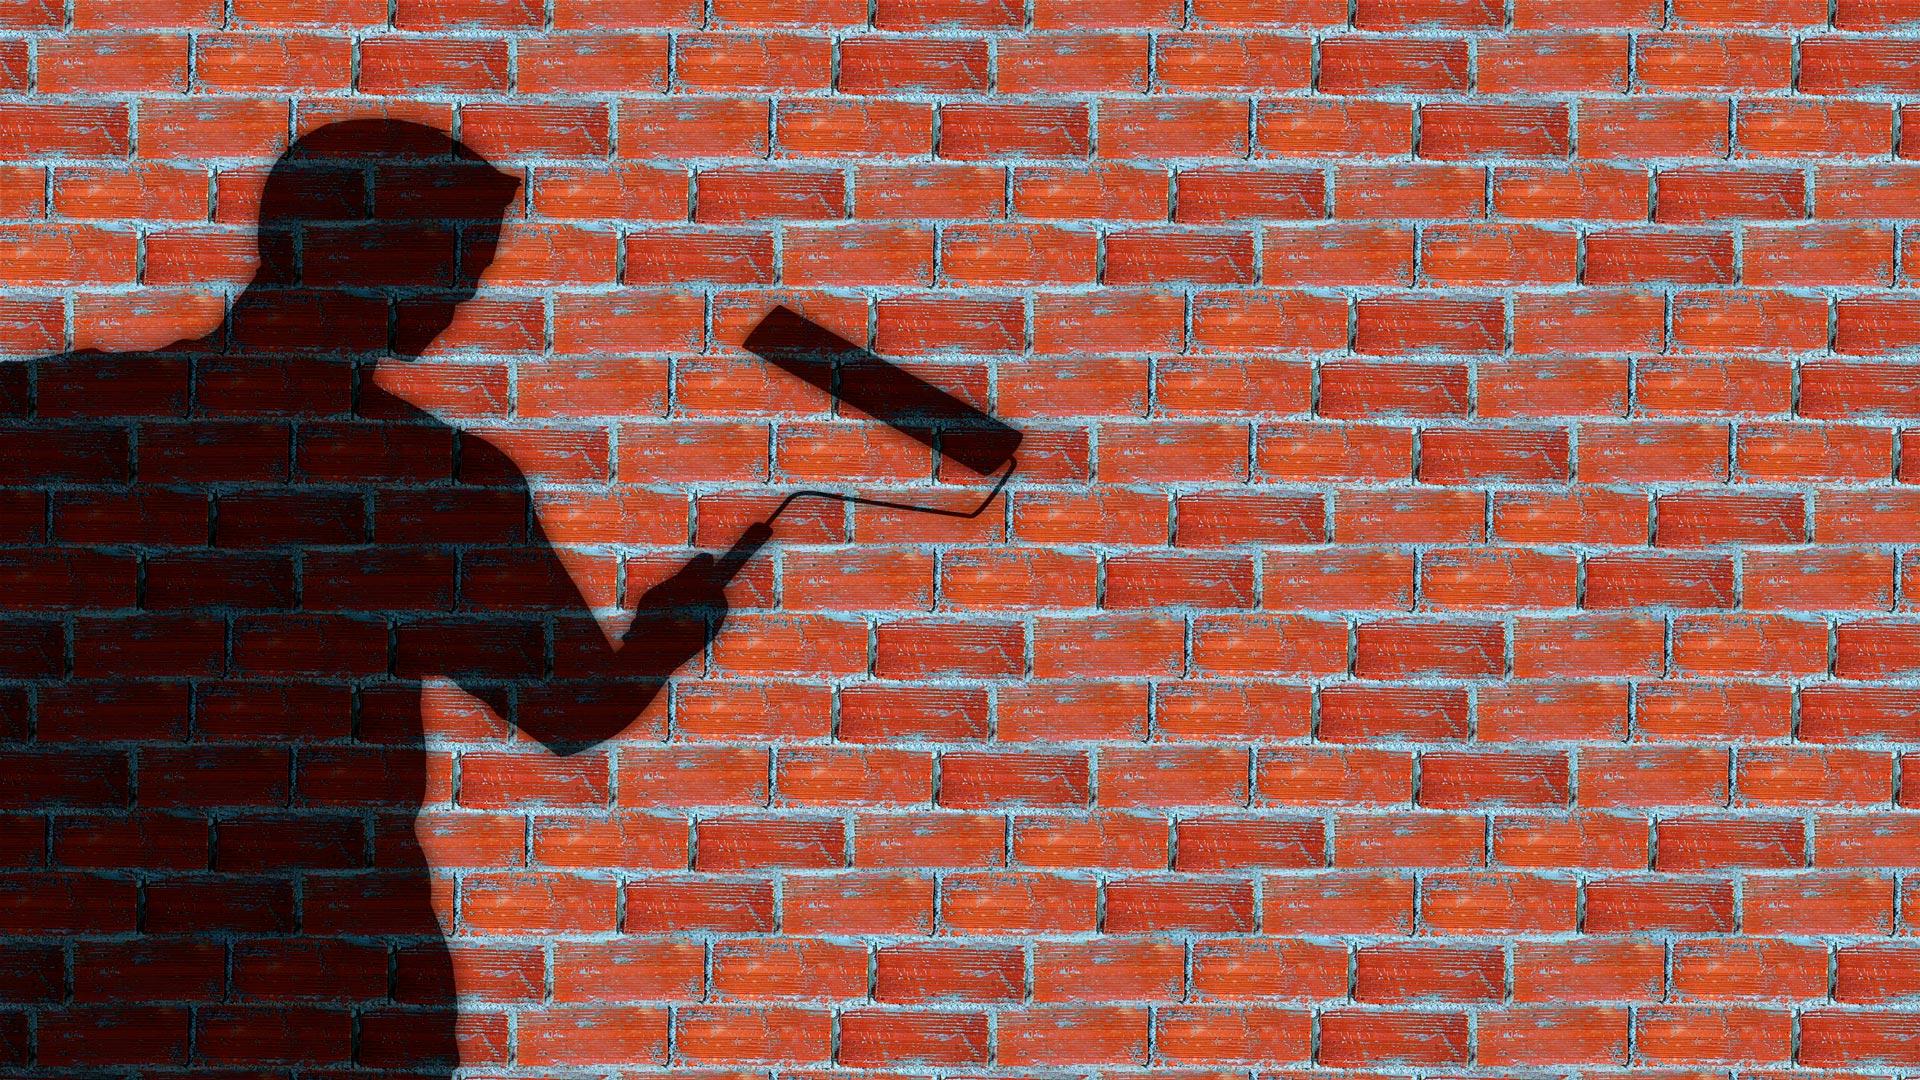 Unos consejos para pintar la fachada de una casa - Pasos para pintar una pared ...